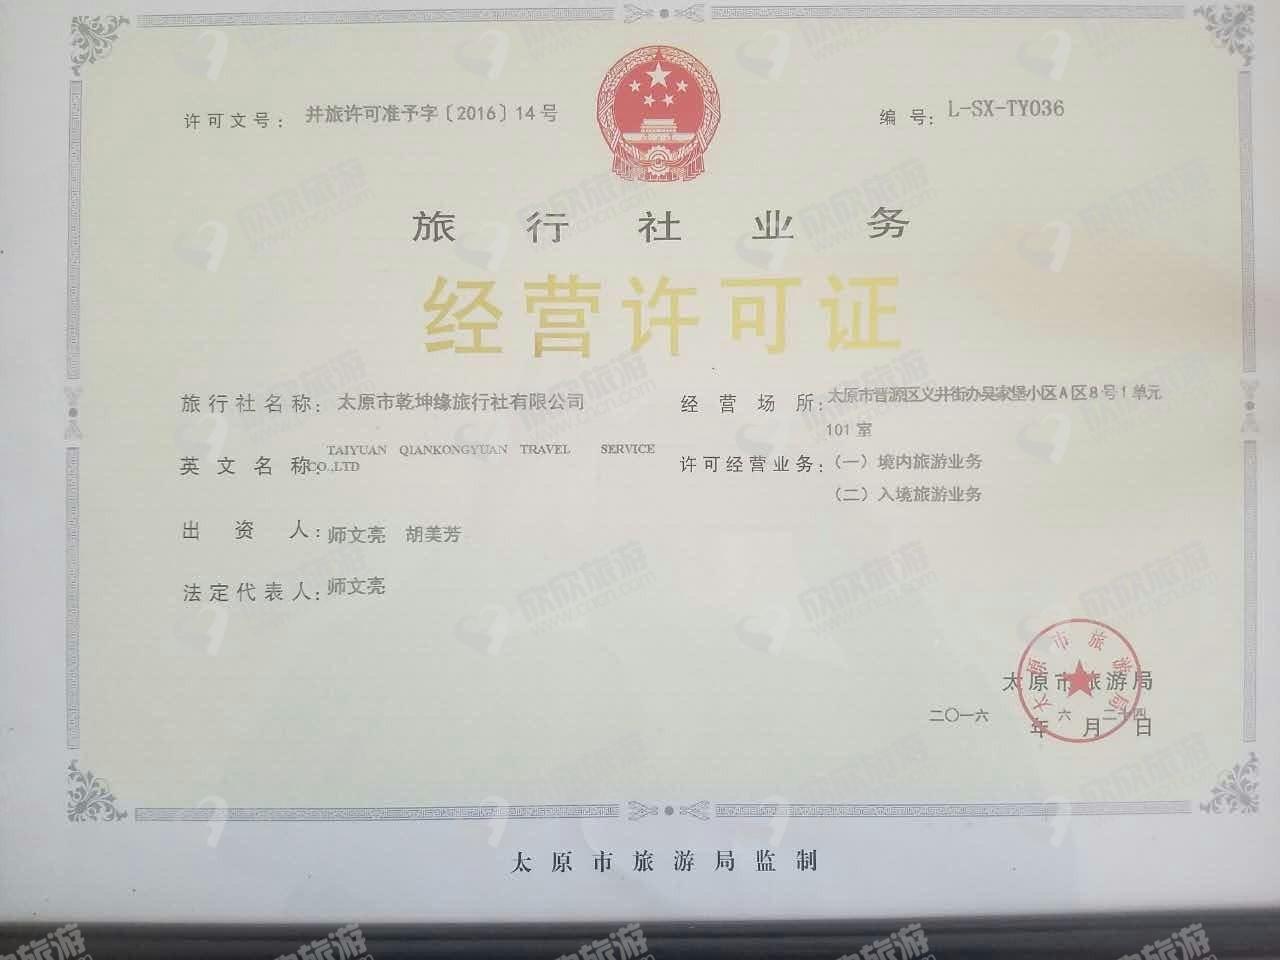 太原市乾坤缘旅行社有限公司经营许可证